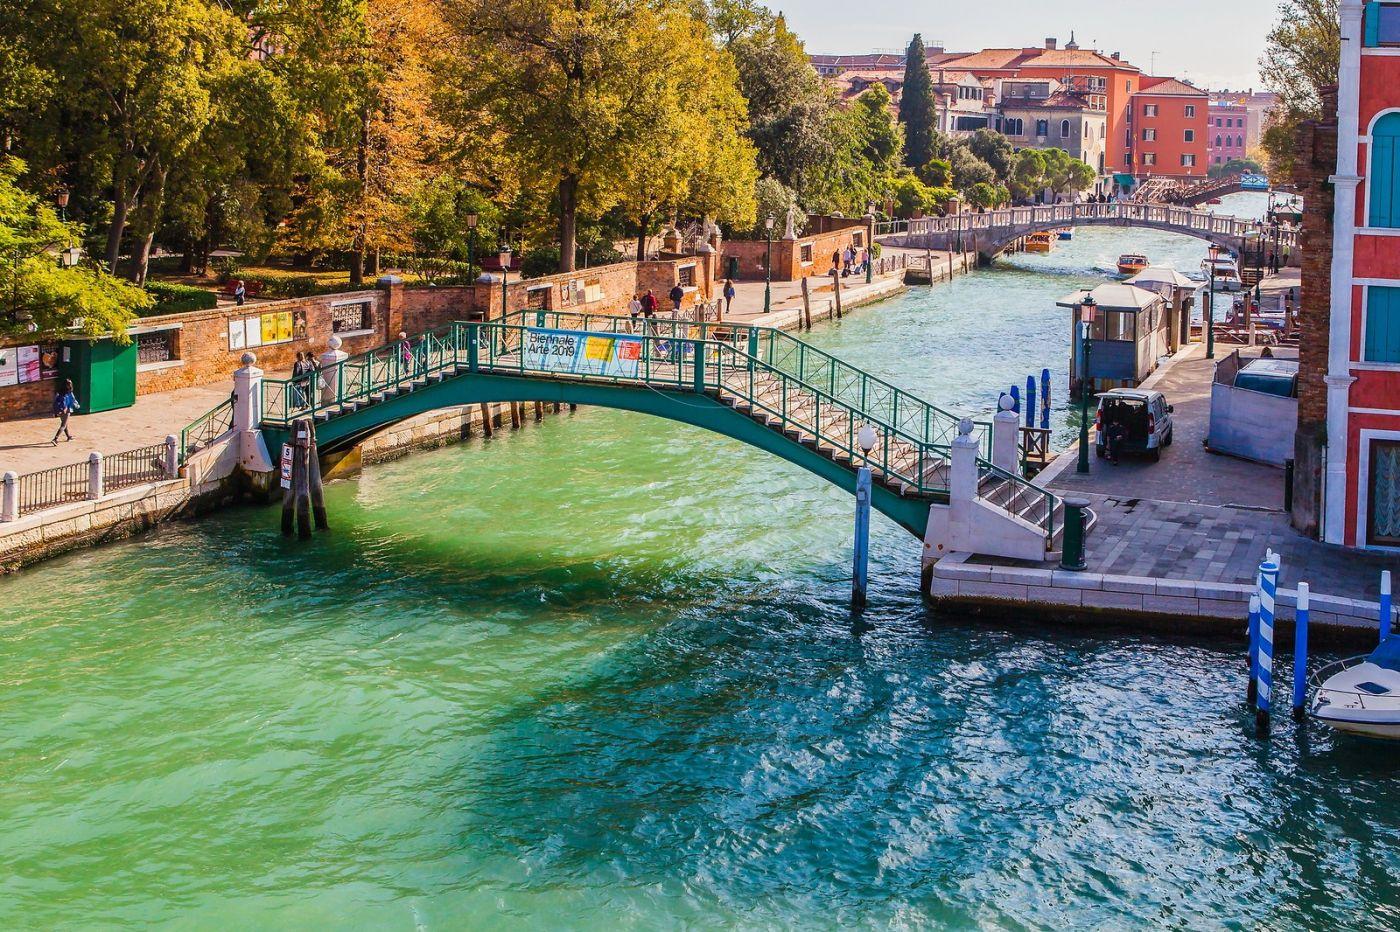 意大利威尼斯,桥的艺术_图1-18